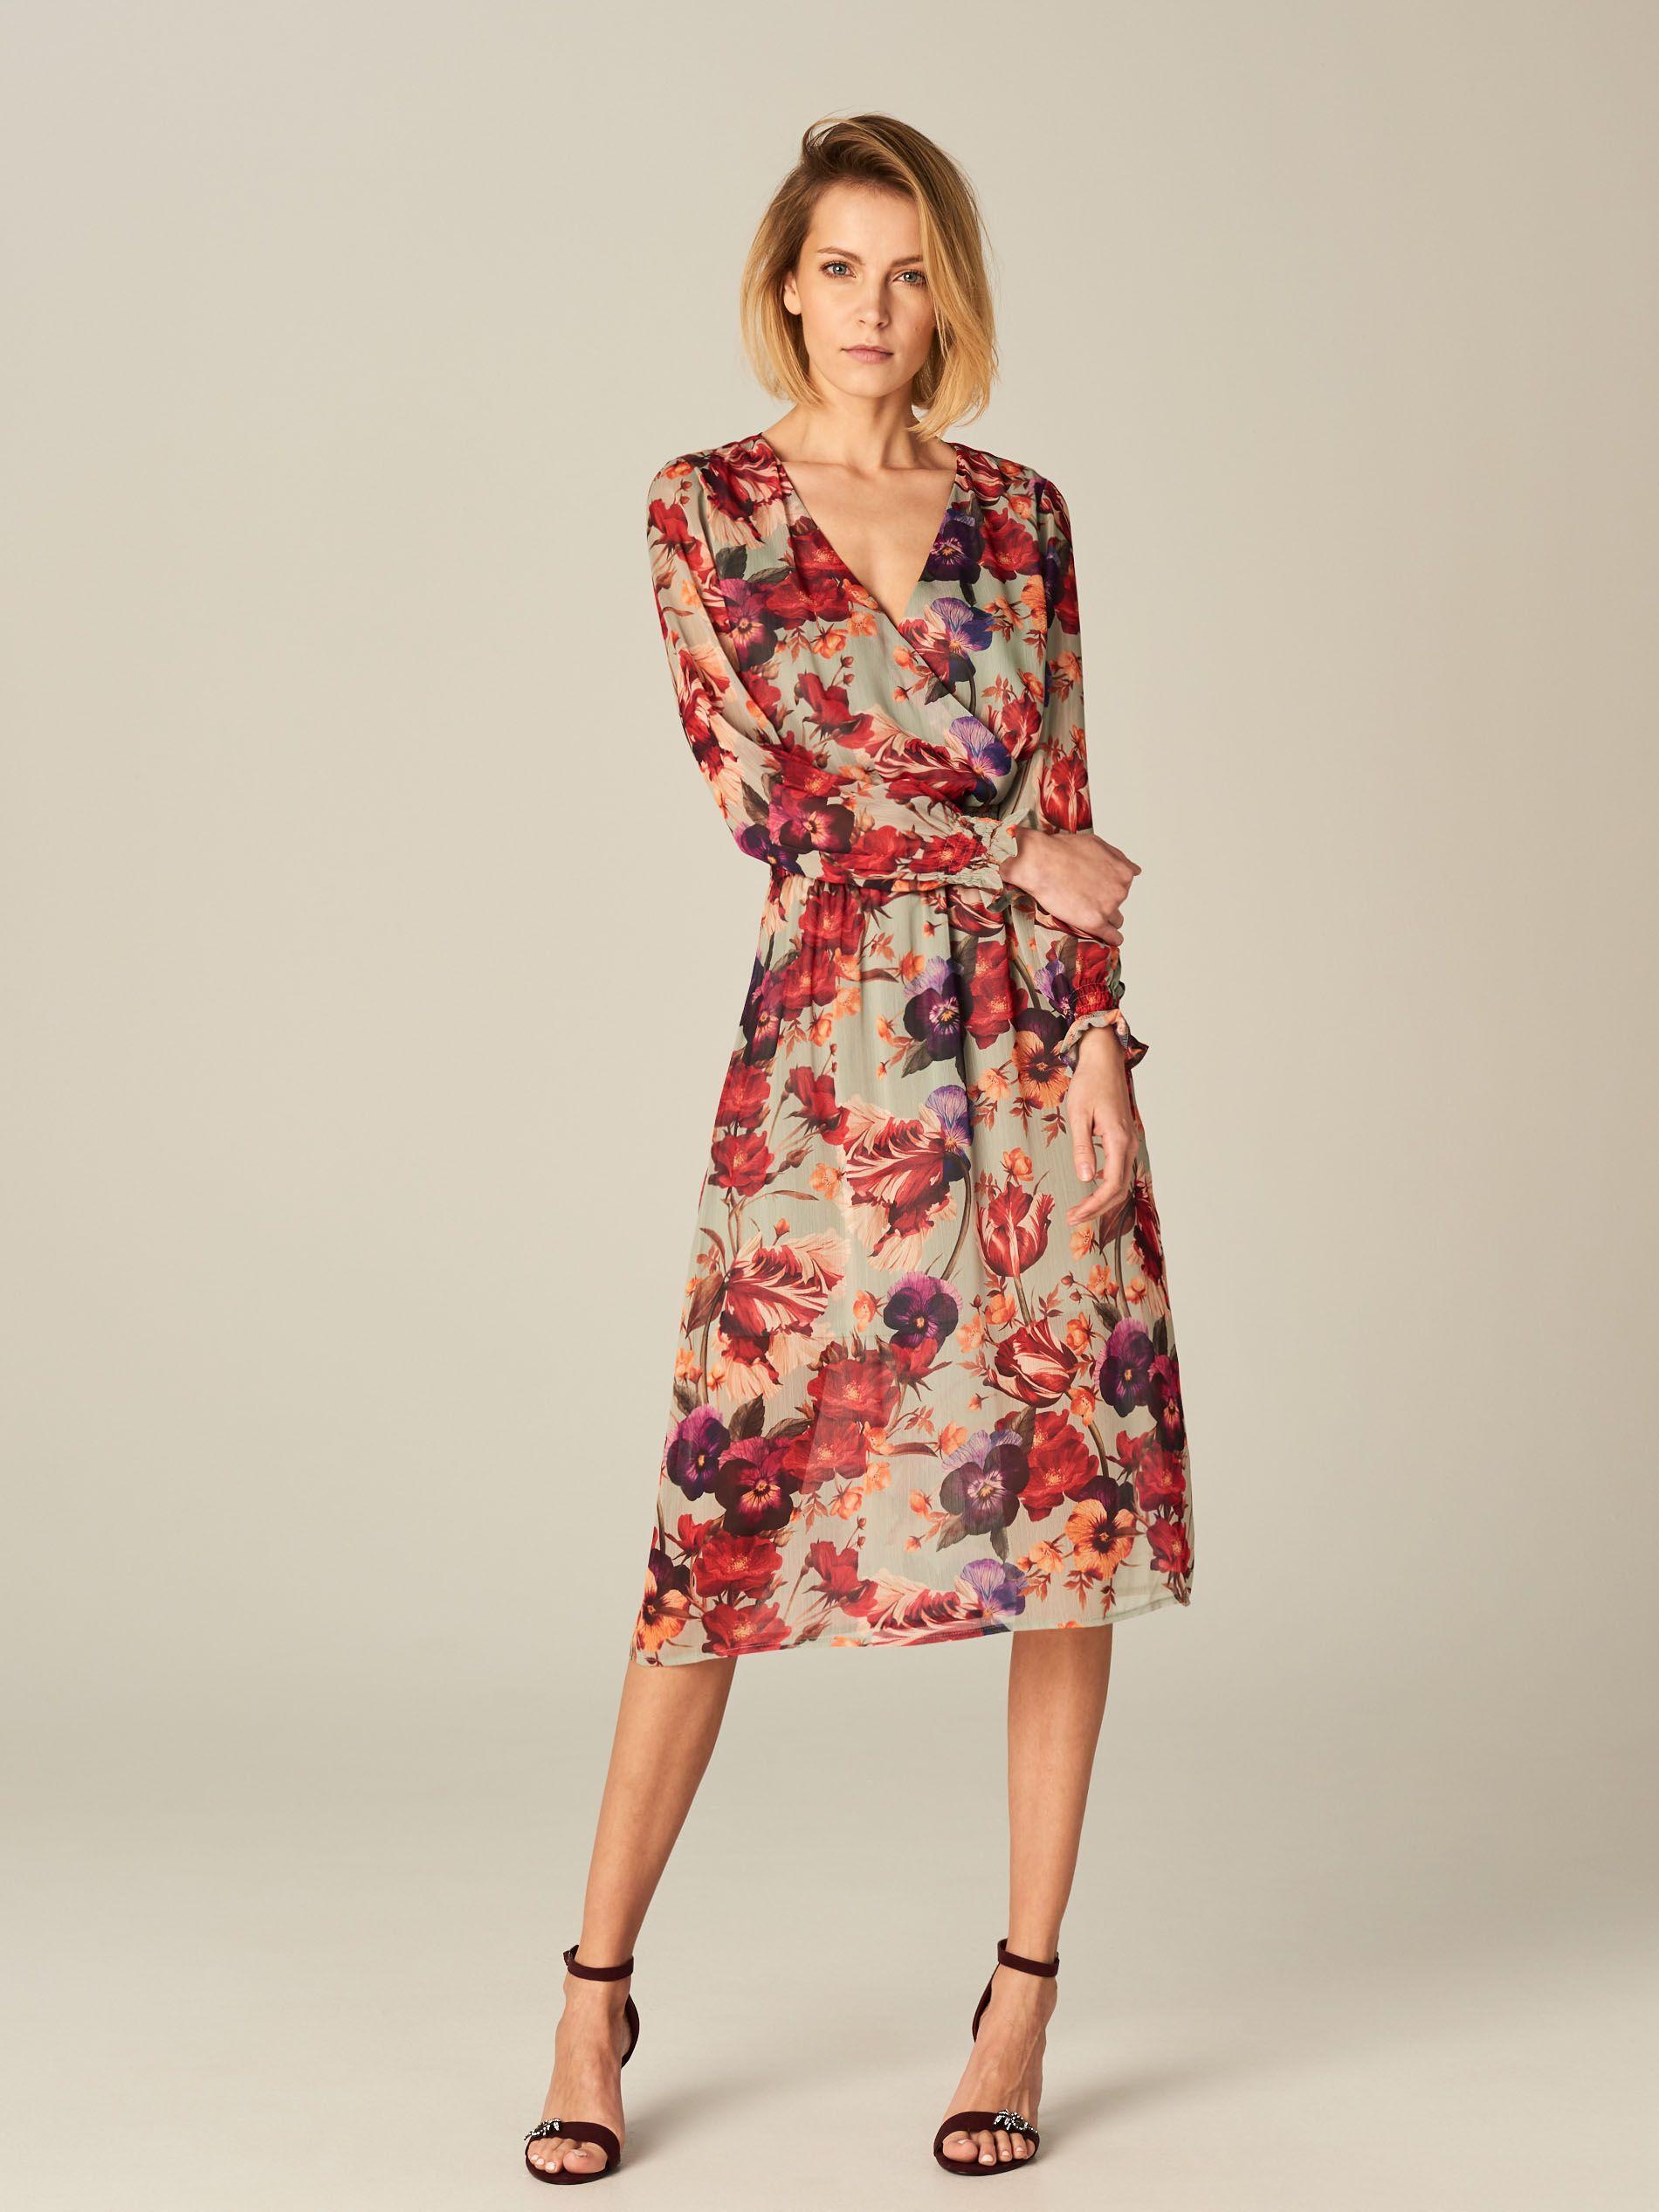 Zwiewna Sukienka W Kwiaty Flower Story Wielobarwn Mohito Dresses Fashion Clothes